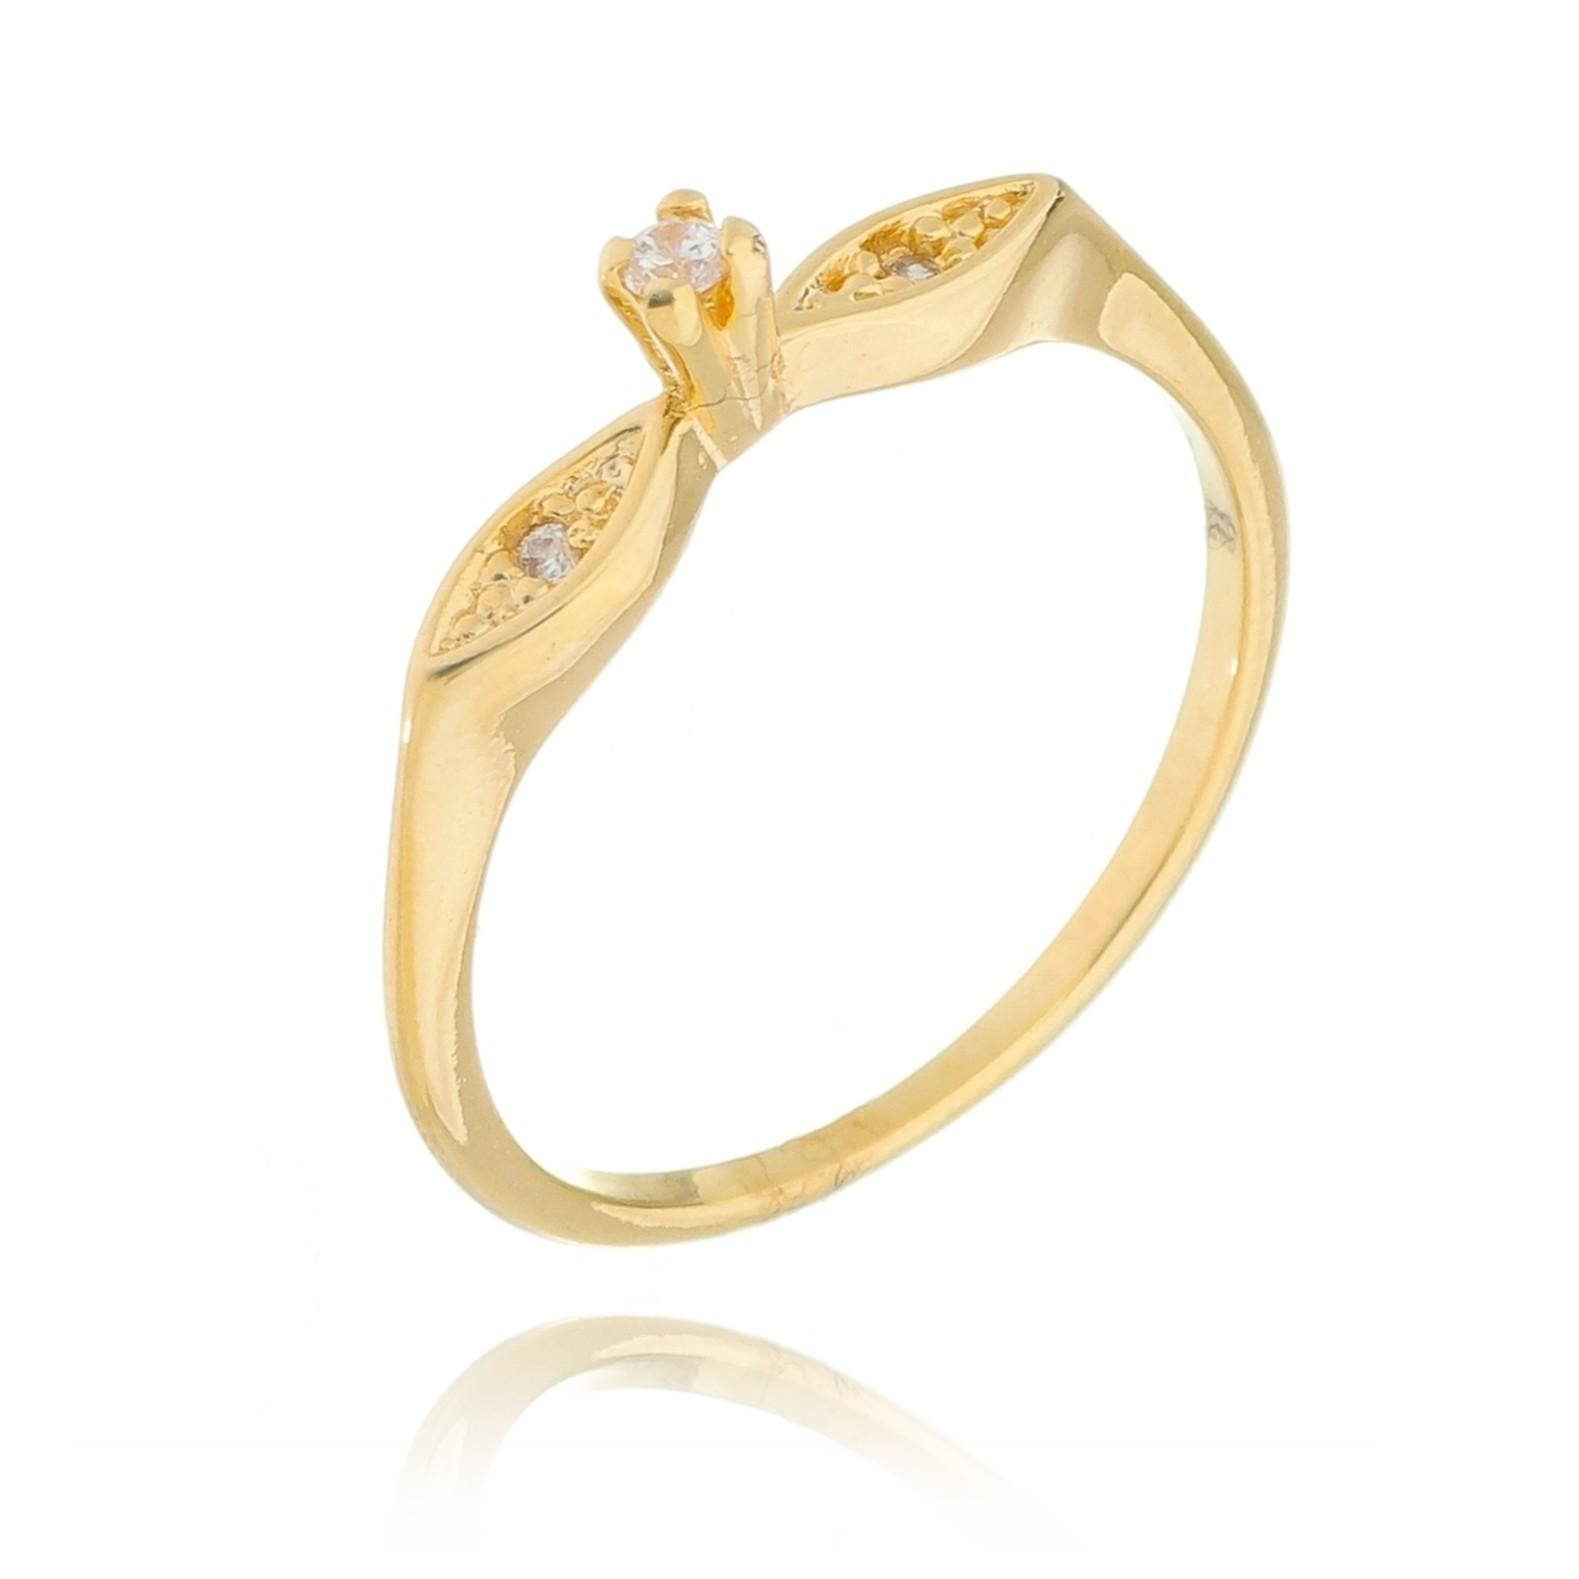 Anel Solitário com Pedra em Zircônia Folheado em Ouro 18k - Giro Semijoias